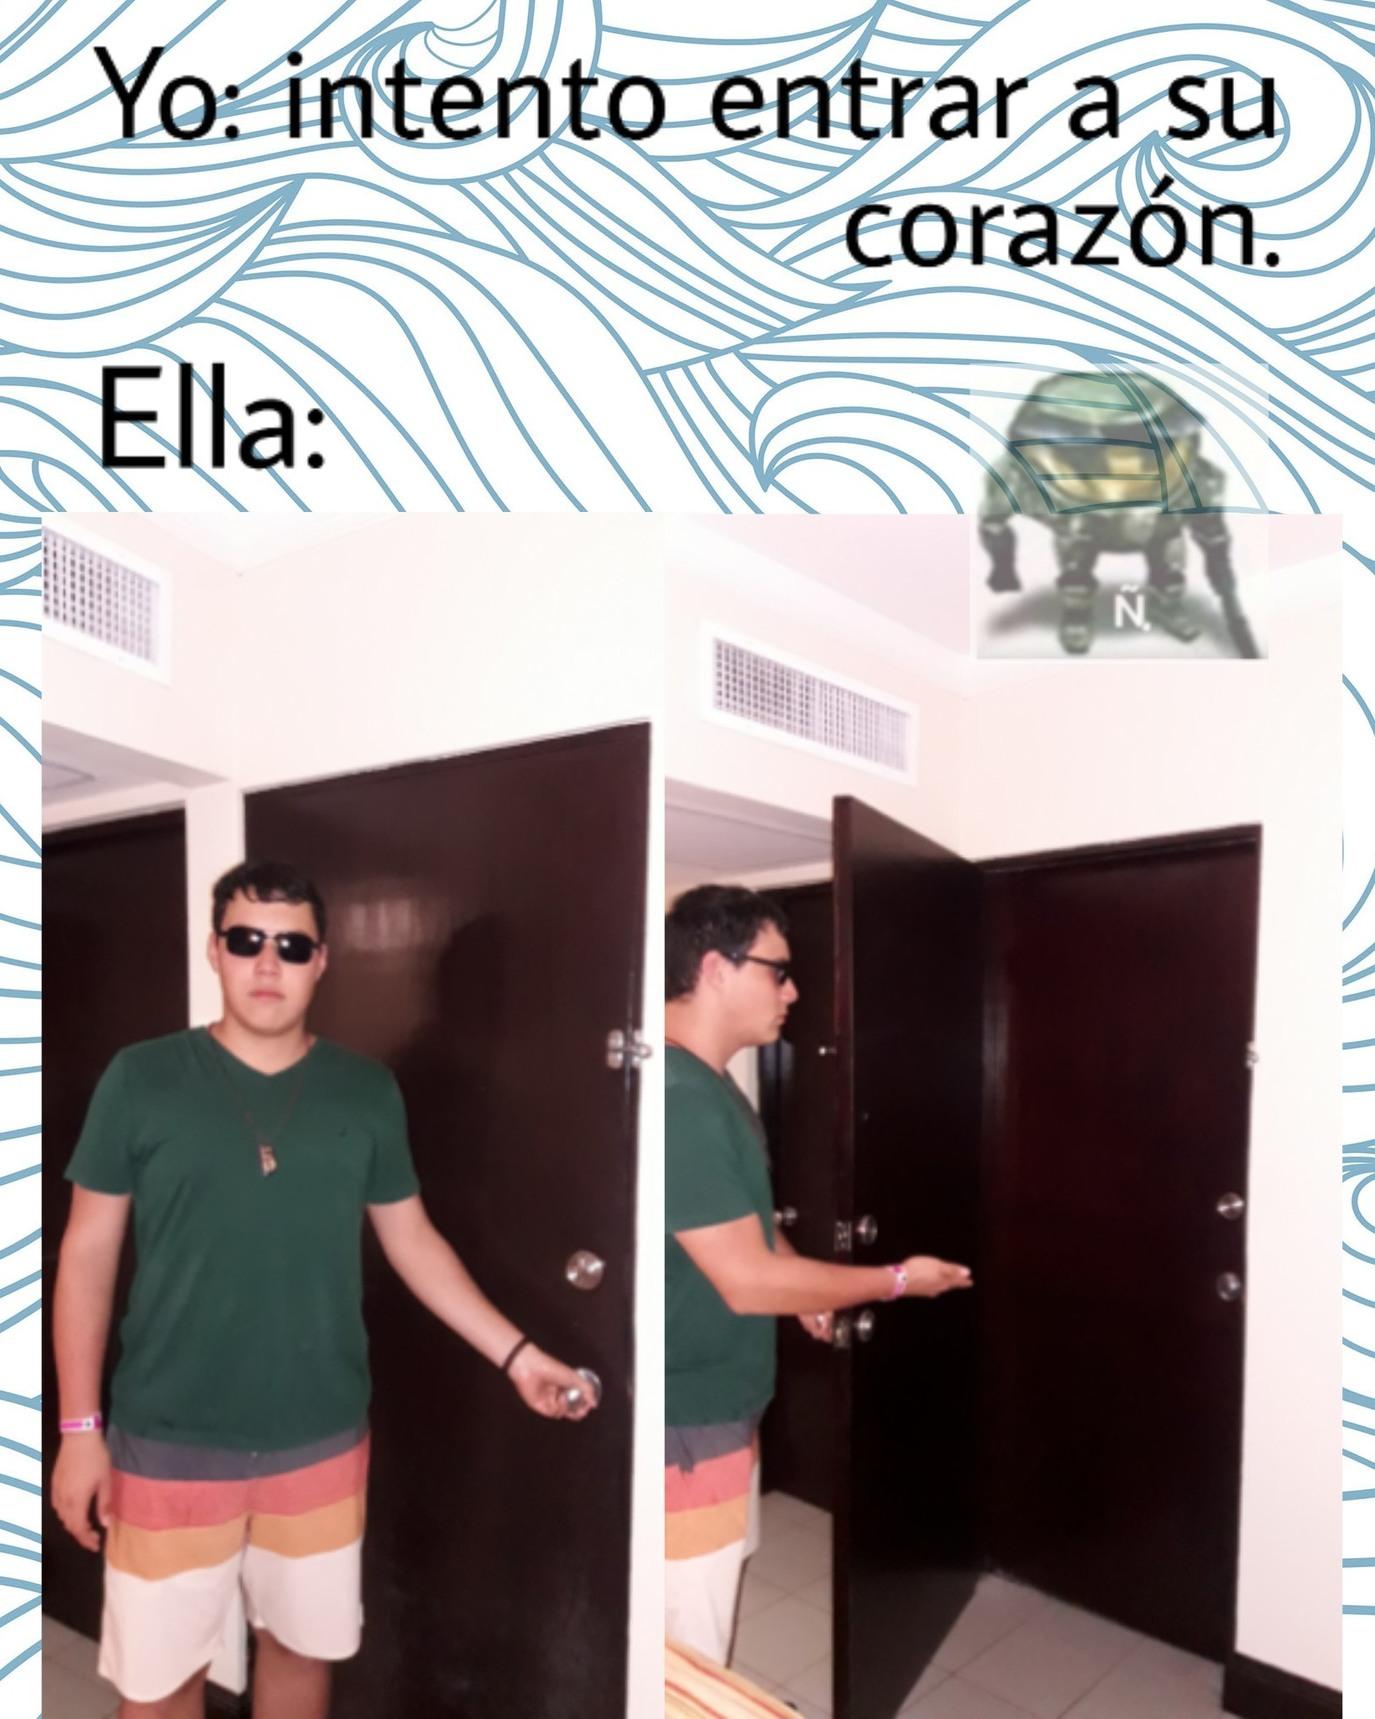 Paco_castro - meme